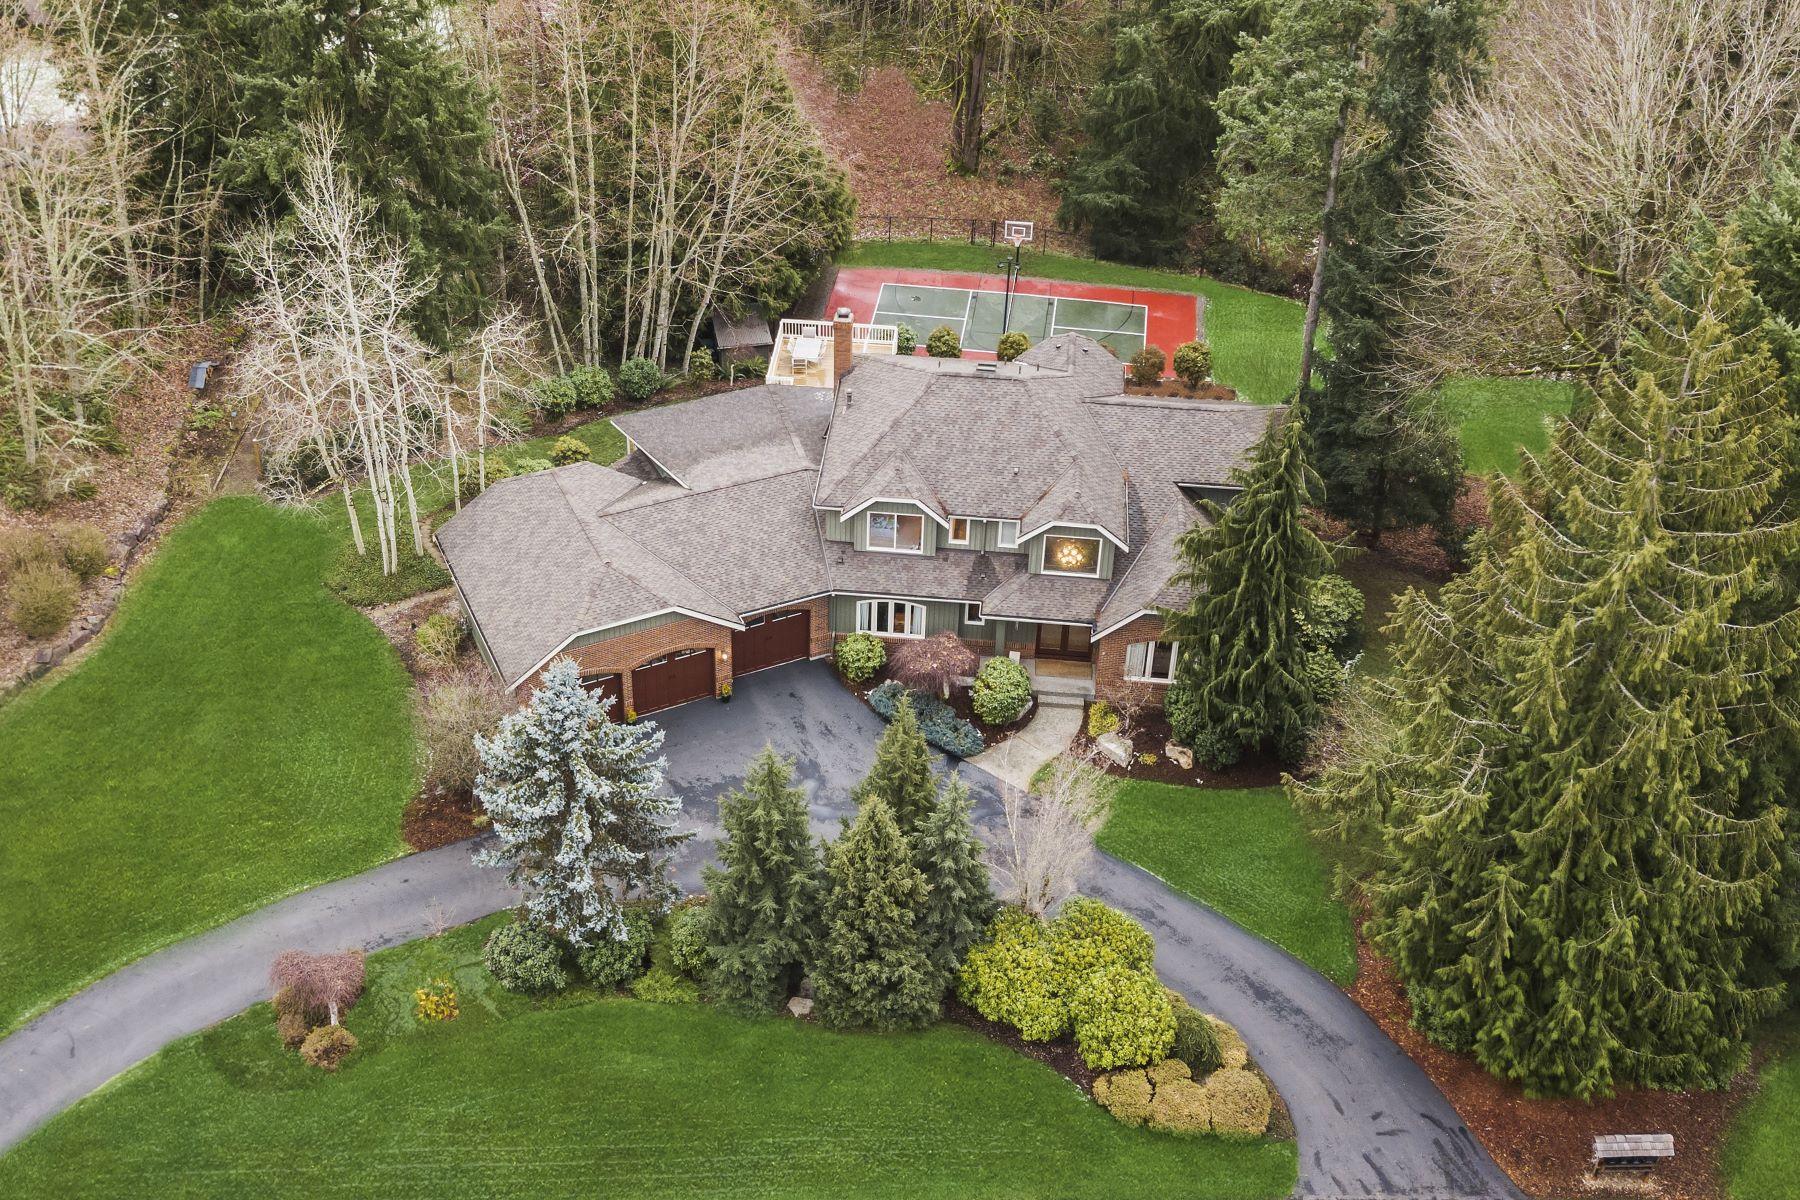 独户住宅 为 销售 在 1026 Lancaster Wy, Sammamish 瑟马米什, 华盛顿州, 98075 美国